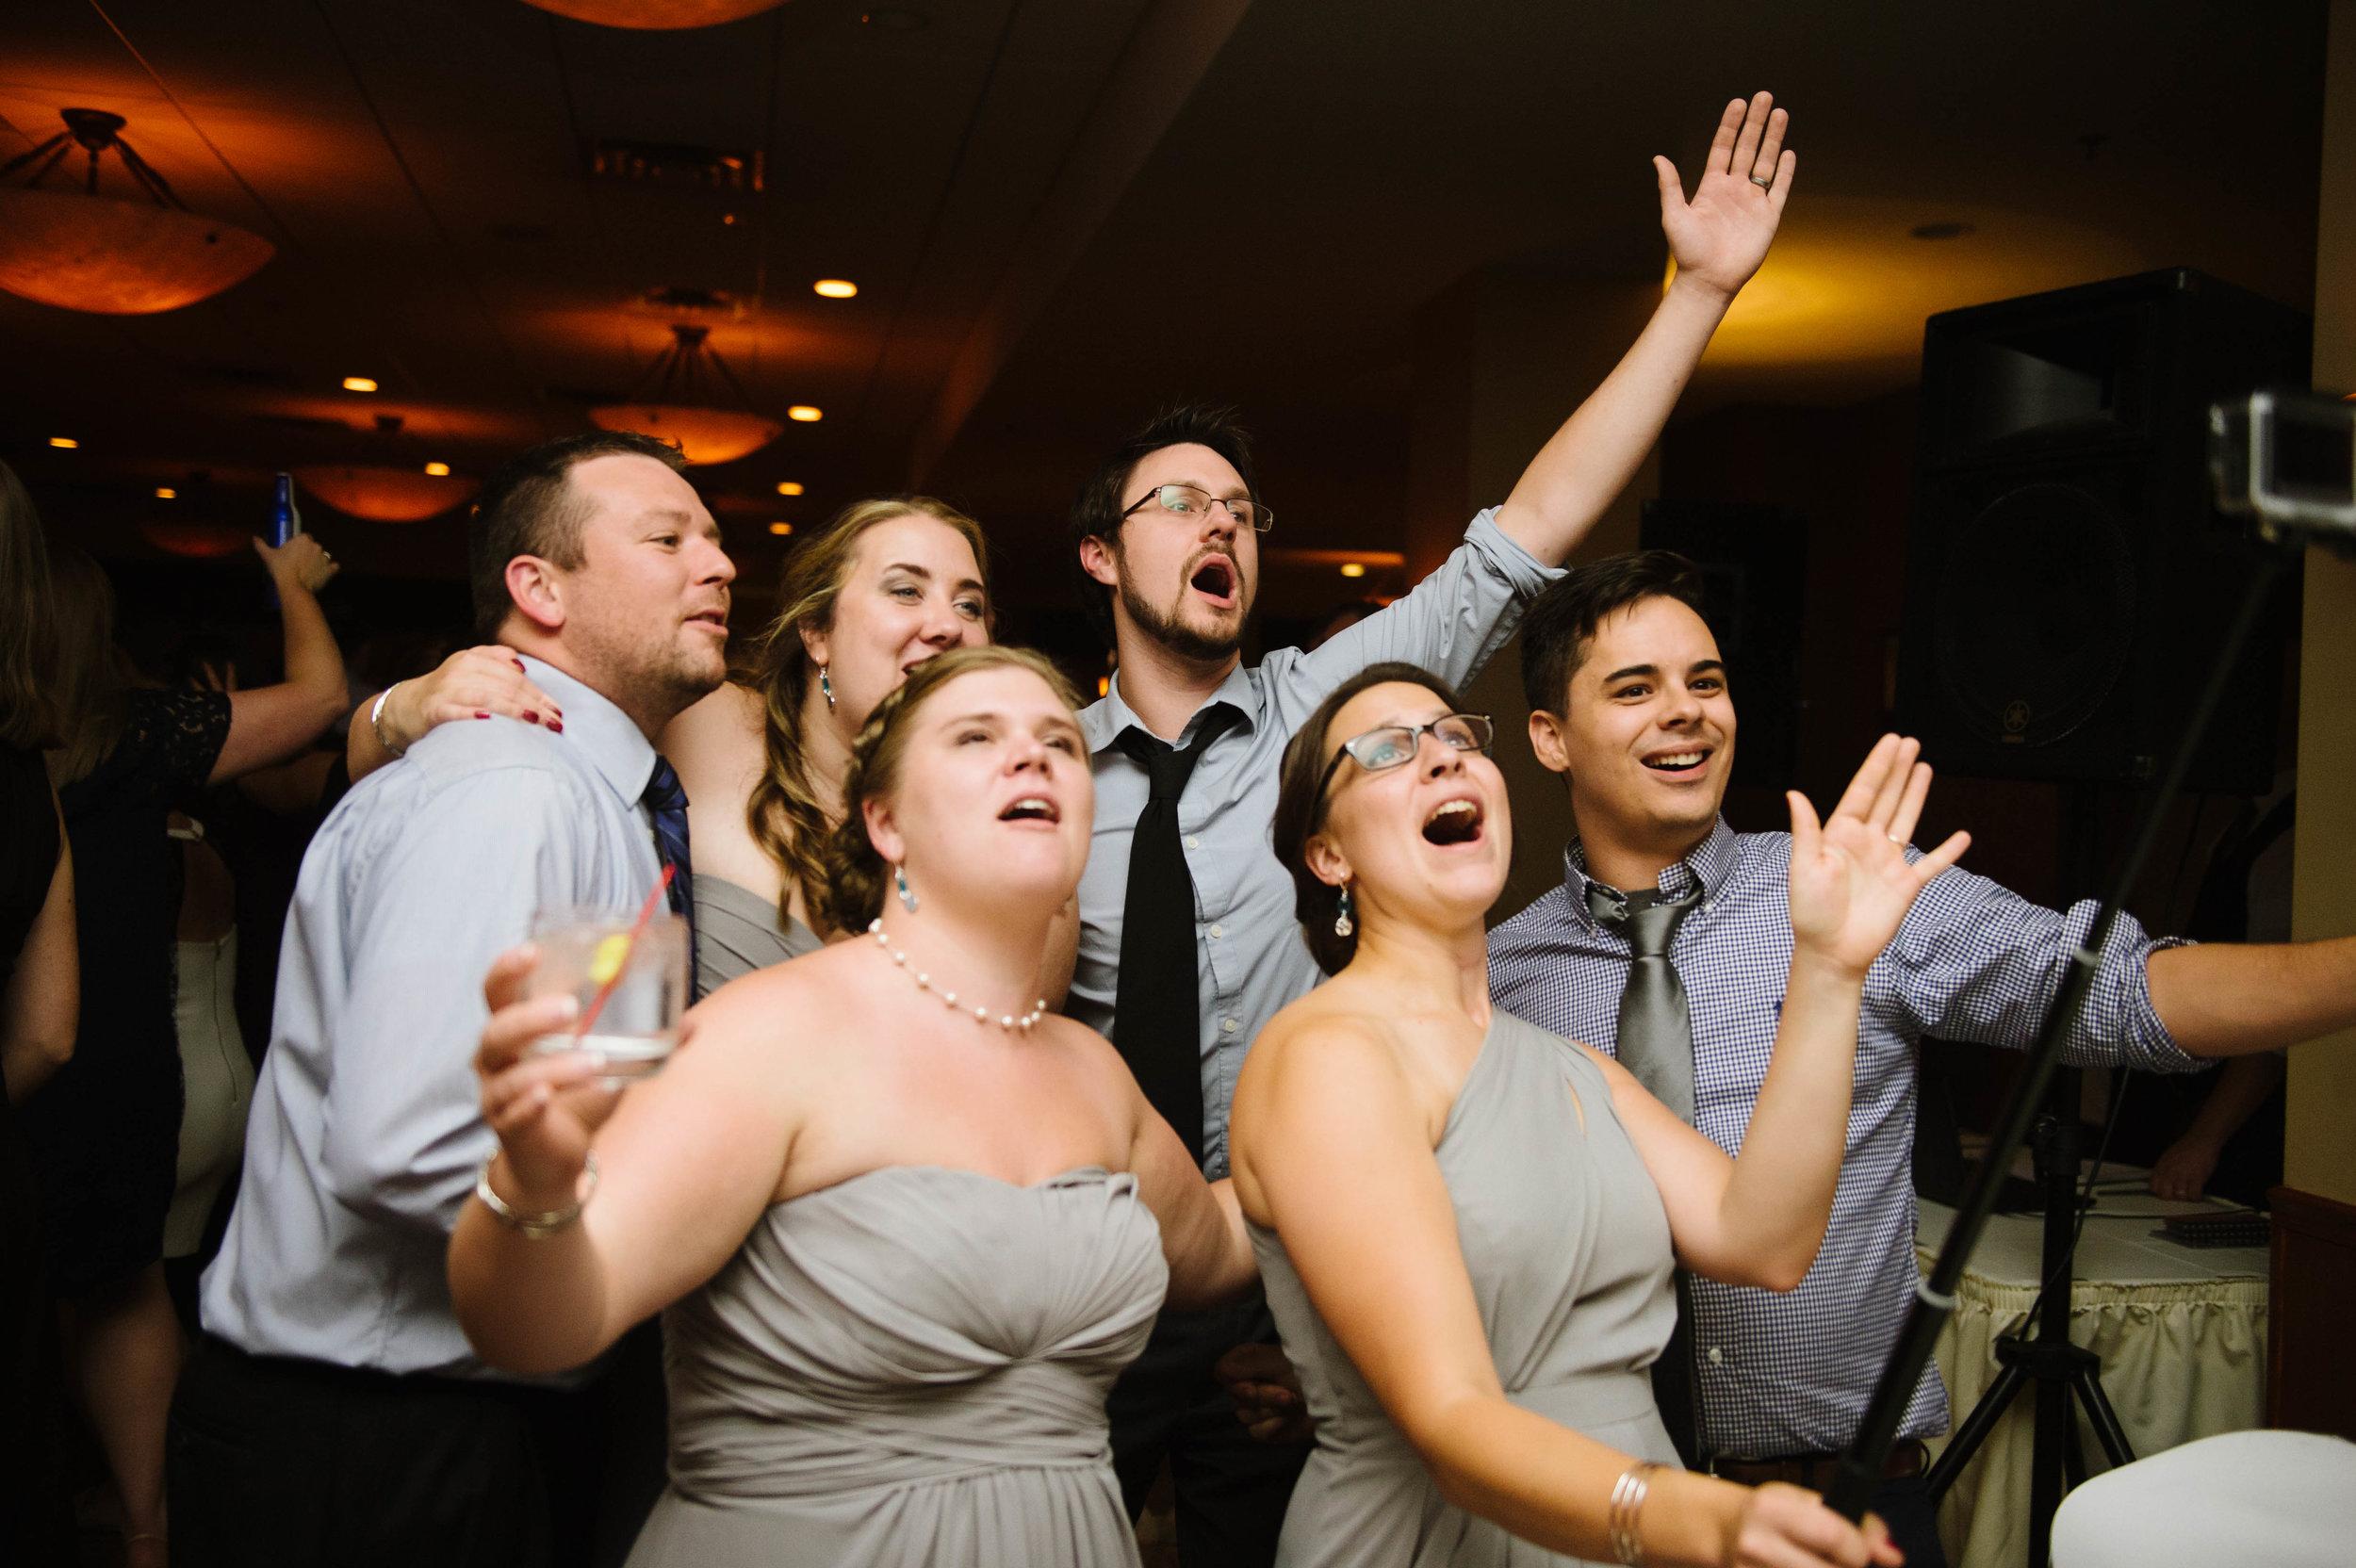 Candid-Wedding-Photography-Massachusetts035.jpg